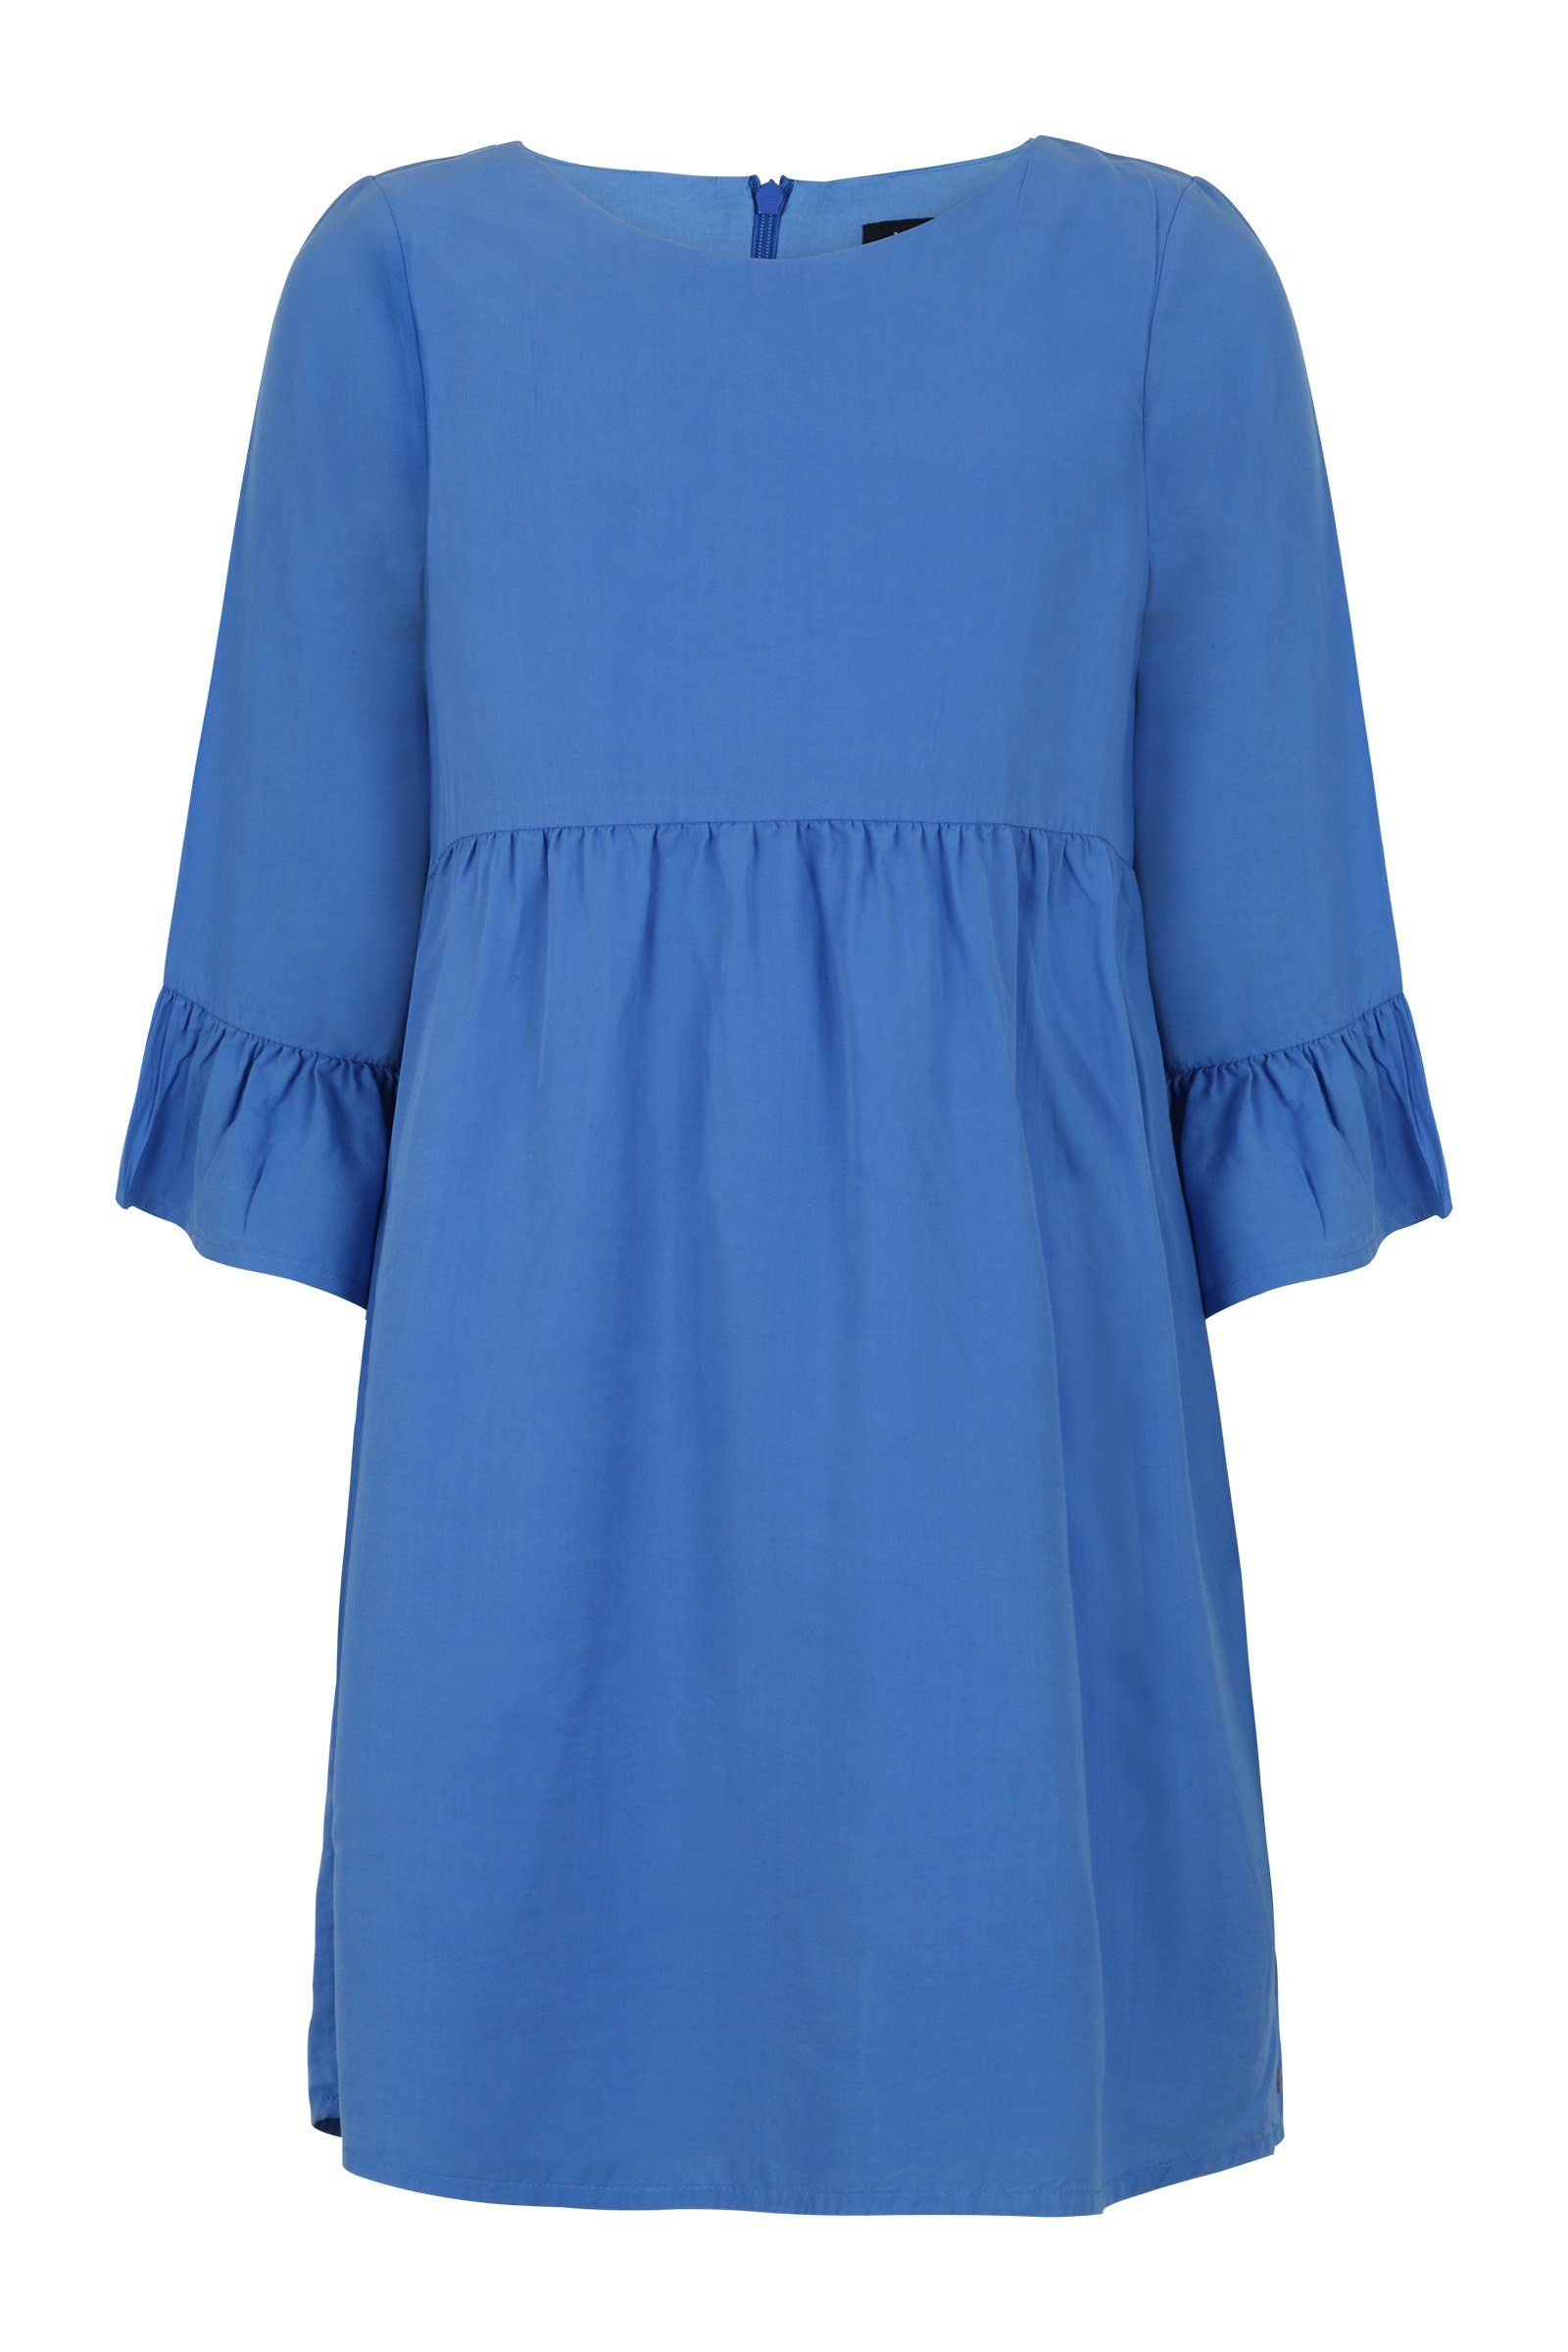 Marc O'Polo Junior Kleid blau Mädchen Festliche Kleider Mädchenkleidung